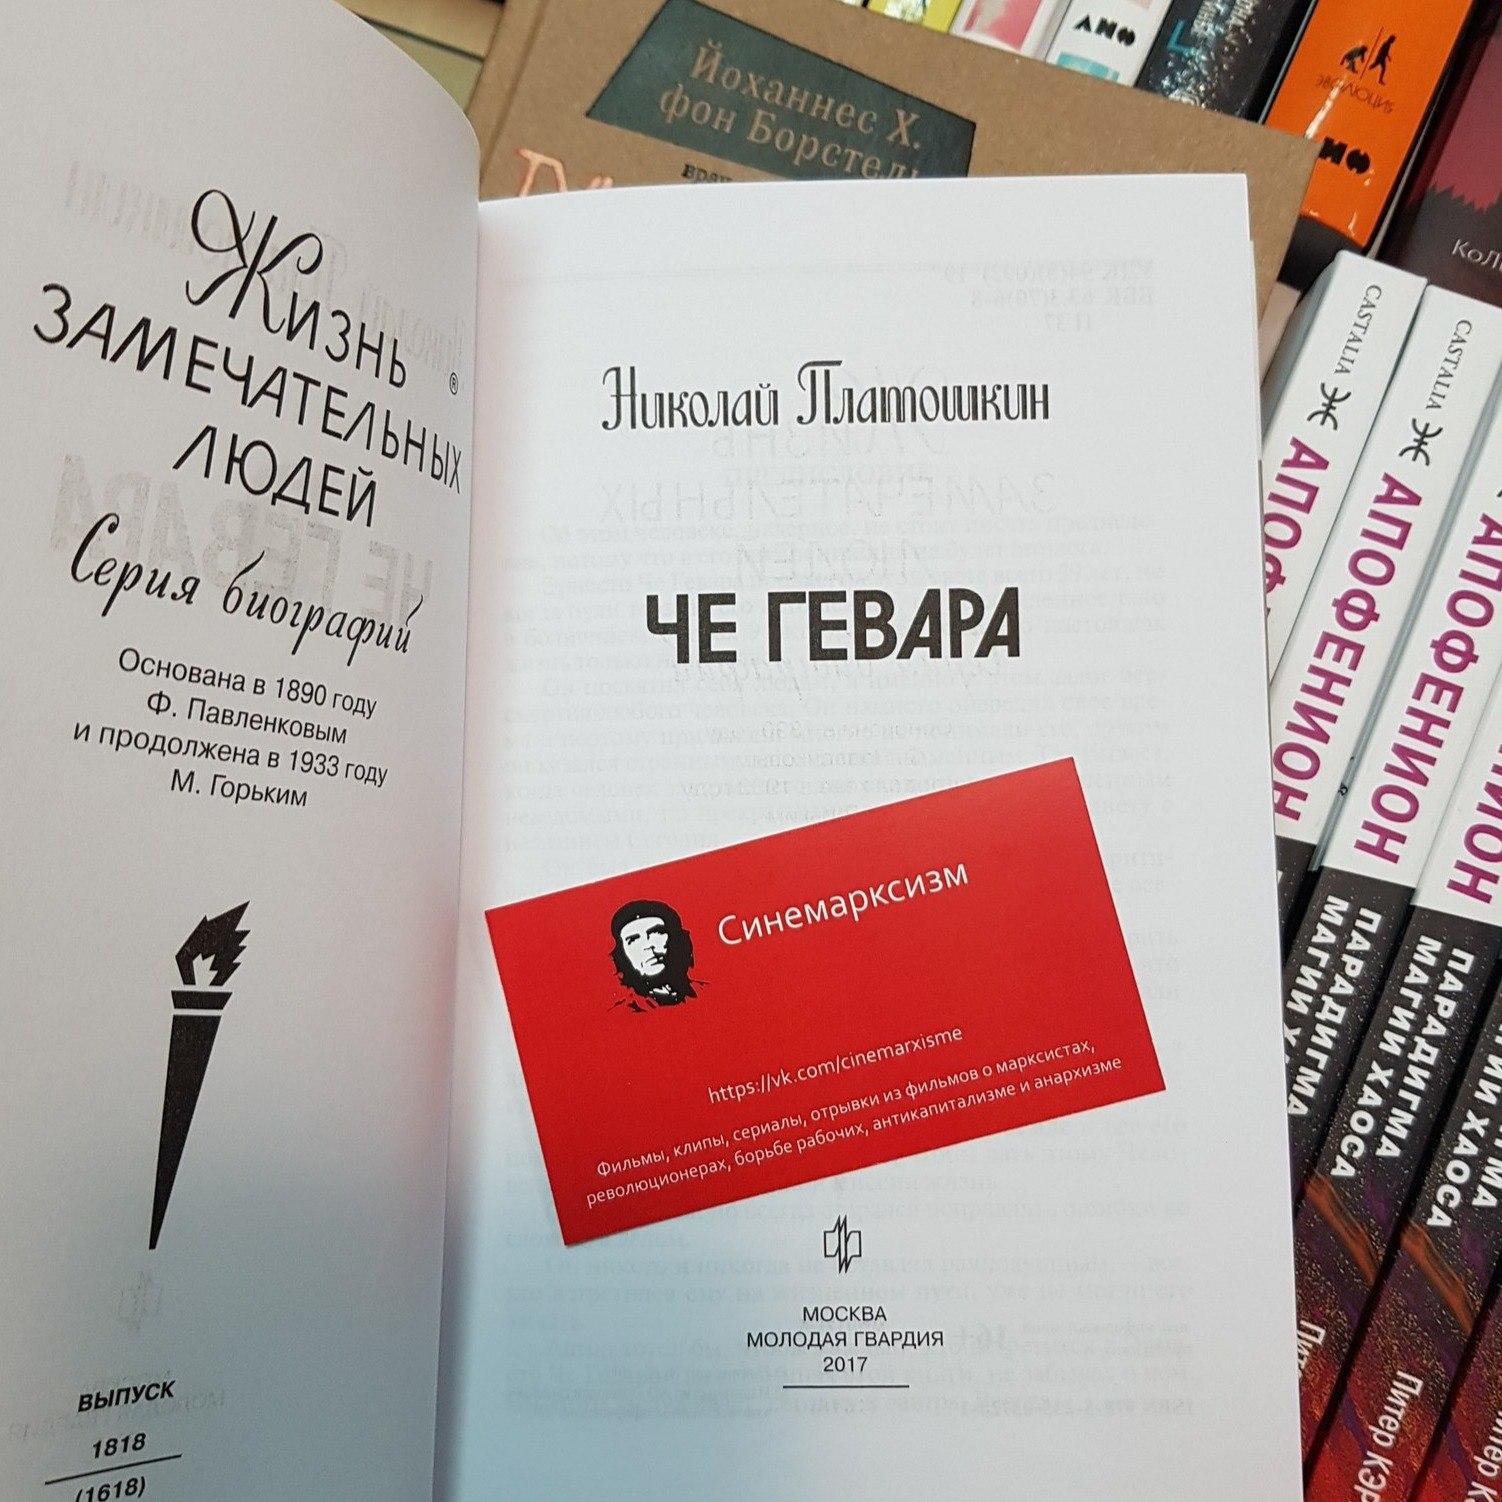 Покупая книгу в магазине